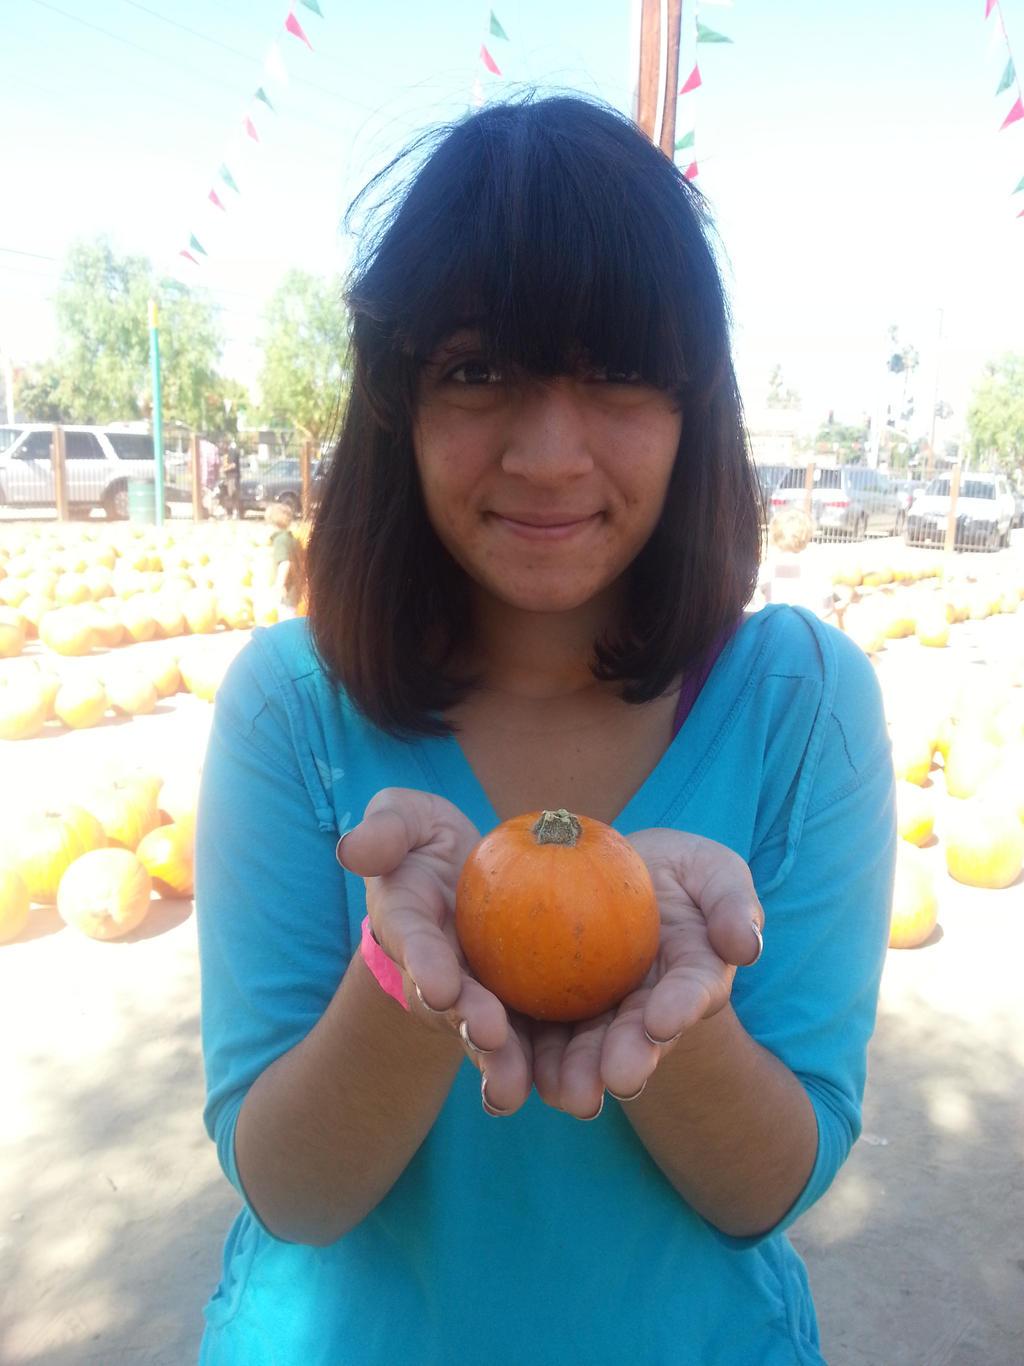 SunnyBunny0's Profile Picture